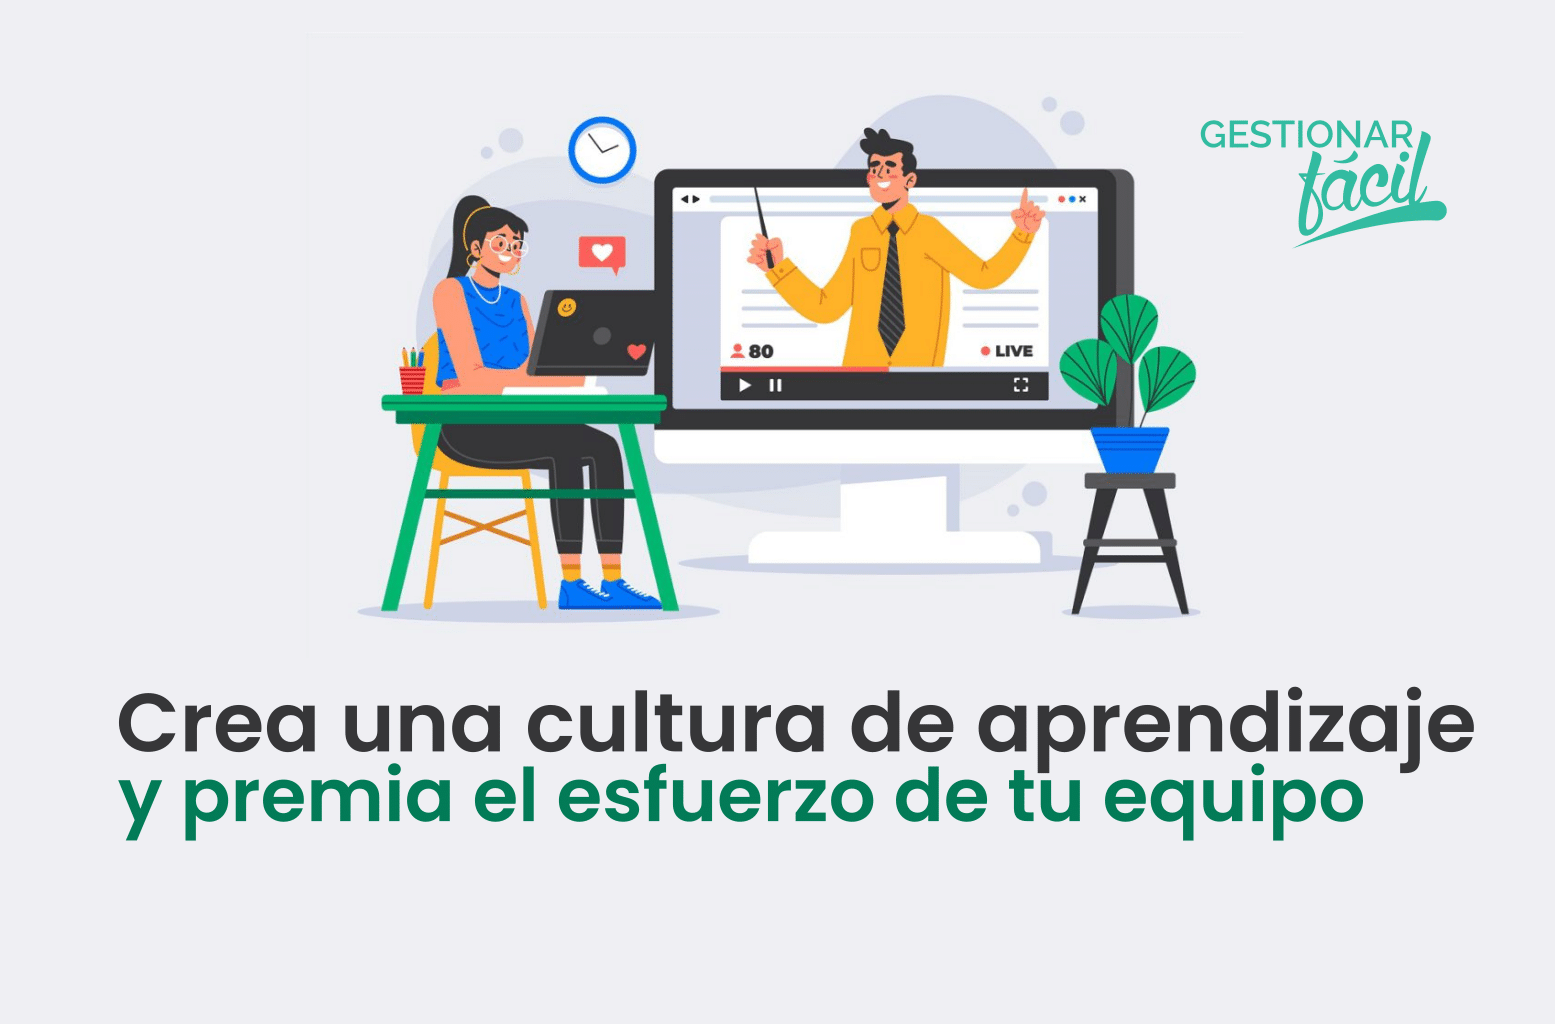 Crea una cultura de aprendizaje… y premia el esfuerzo.